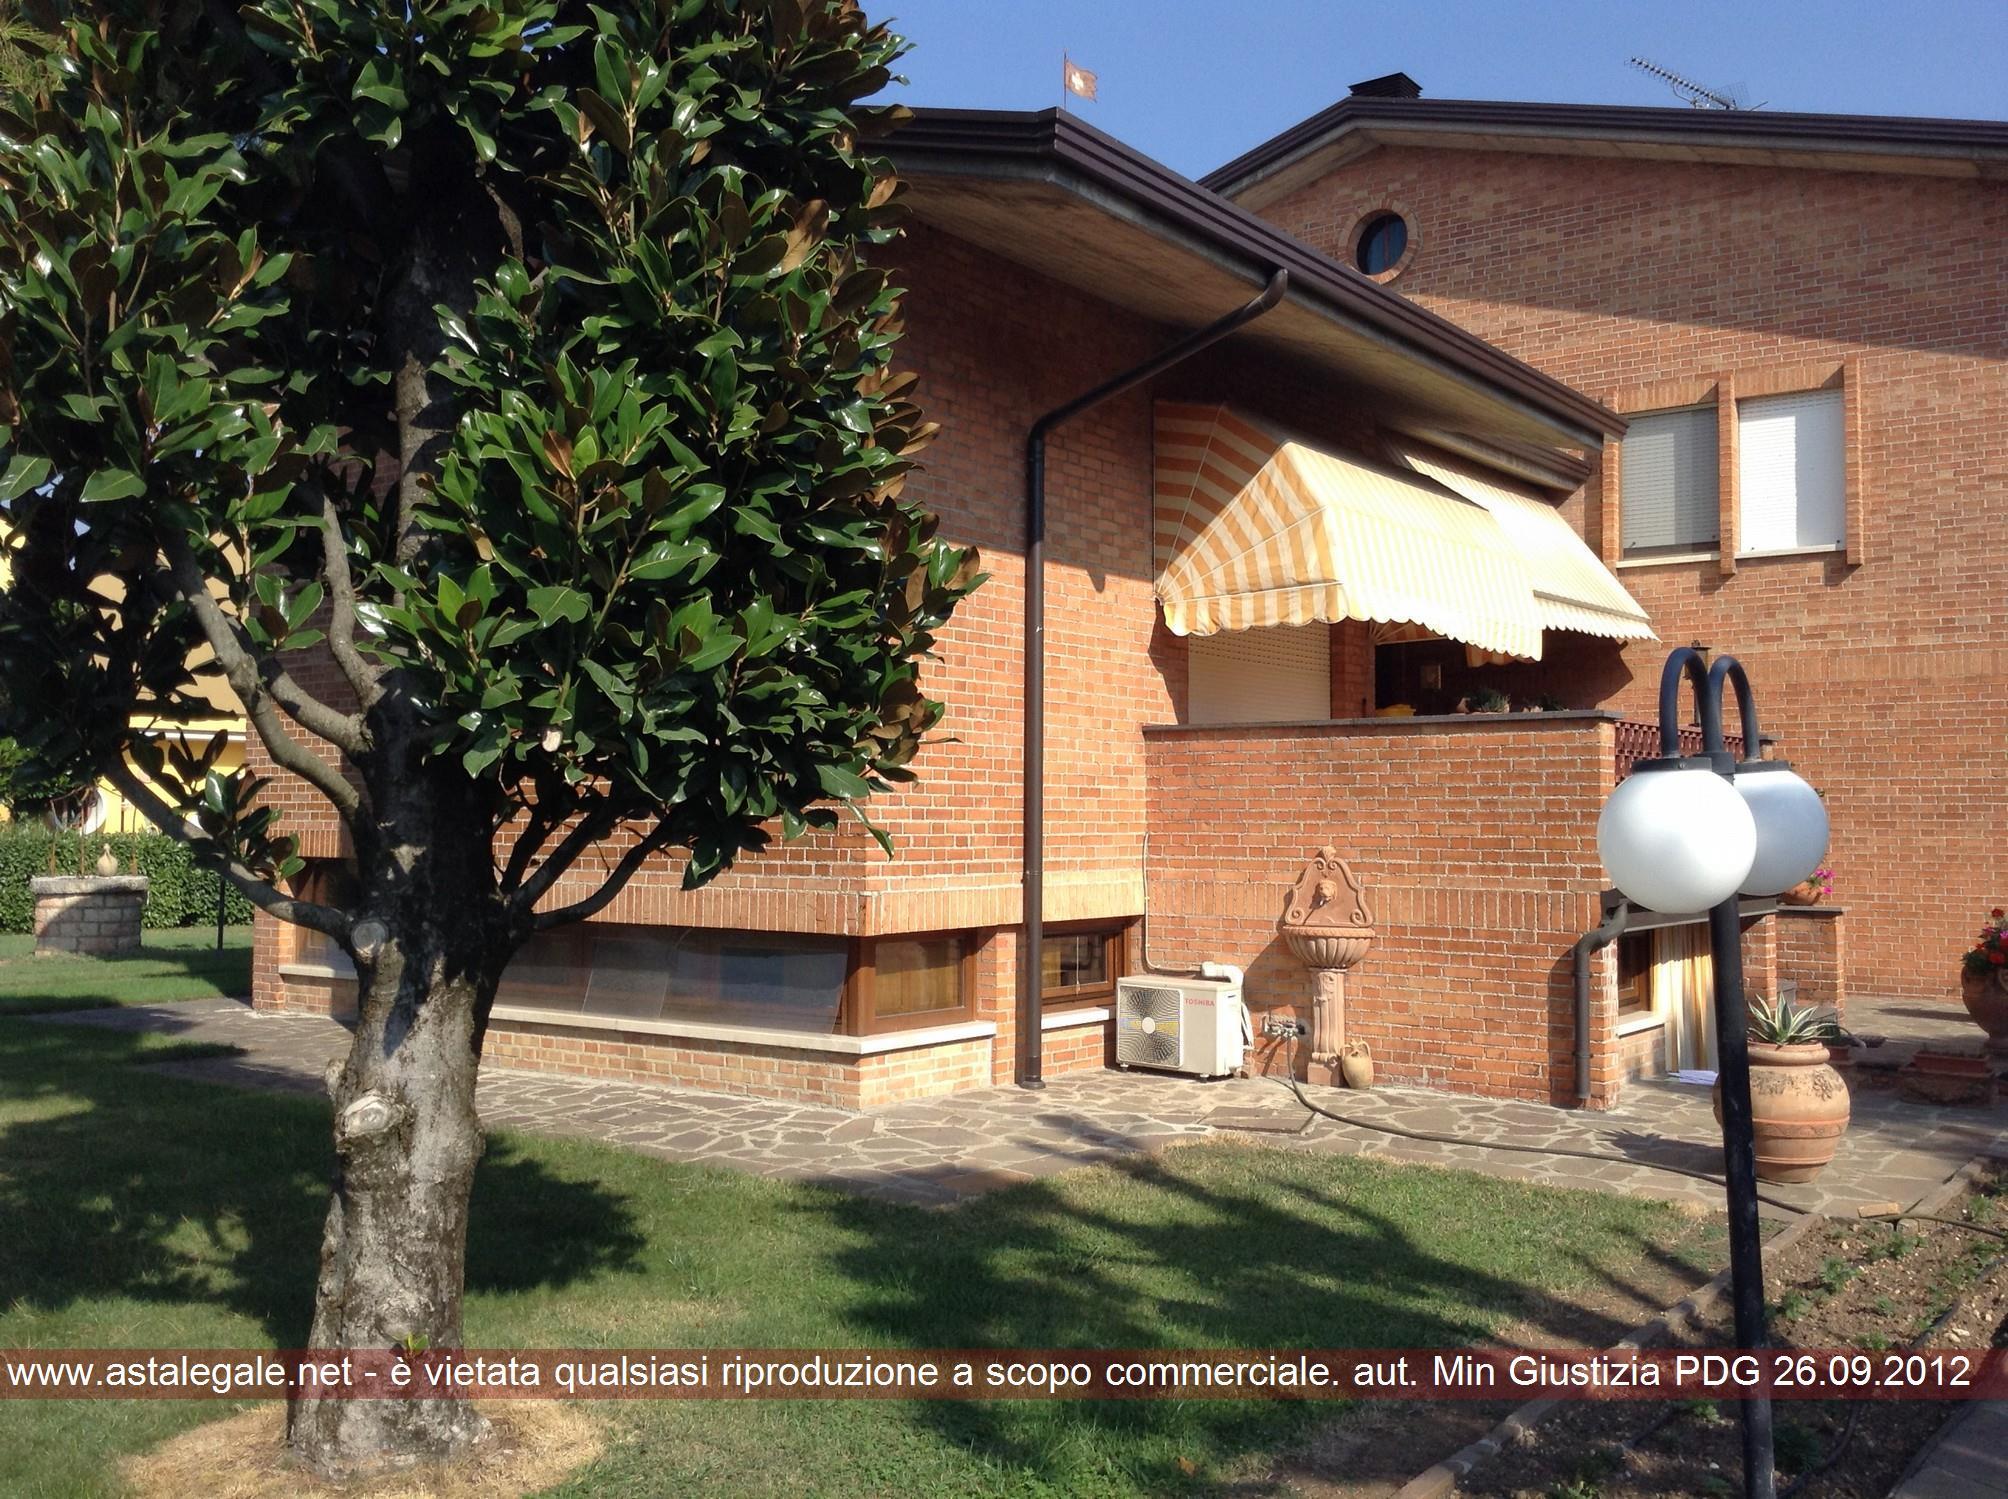 Guidizzolo (MN) Via G. Rossa 11